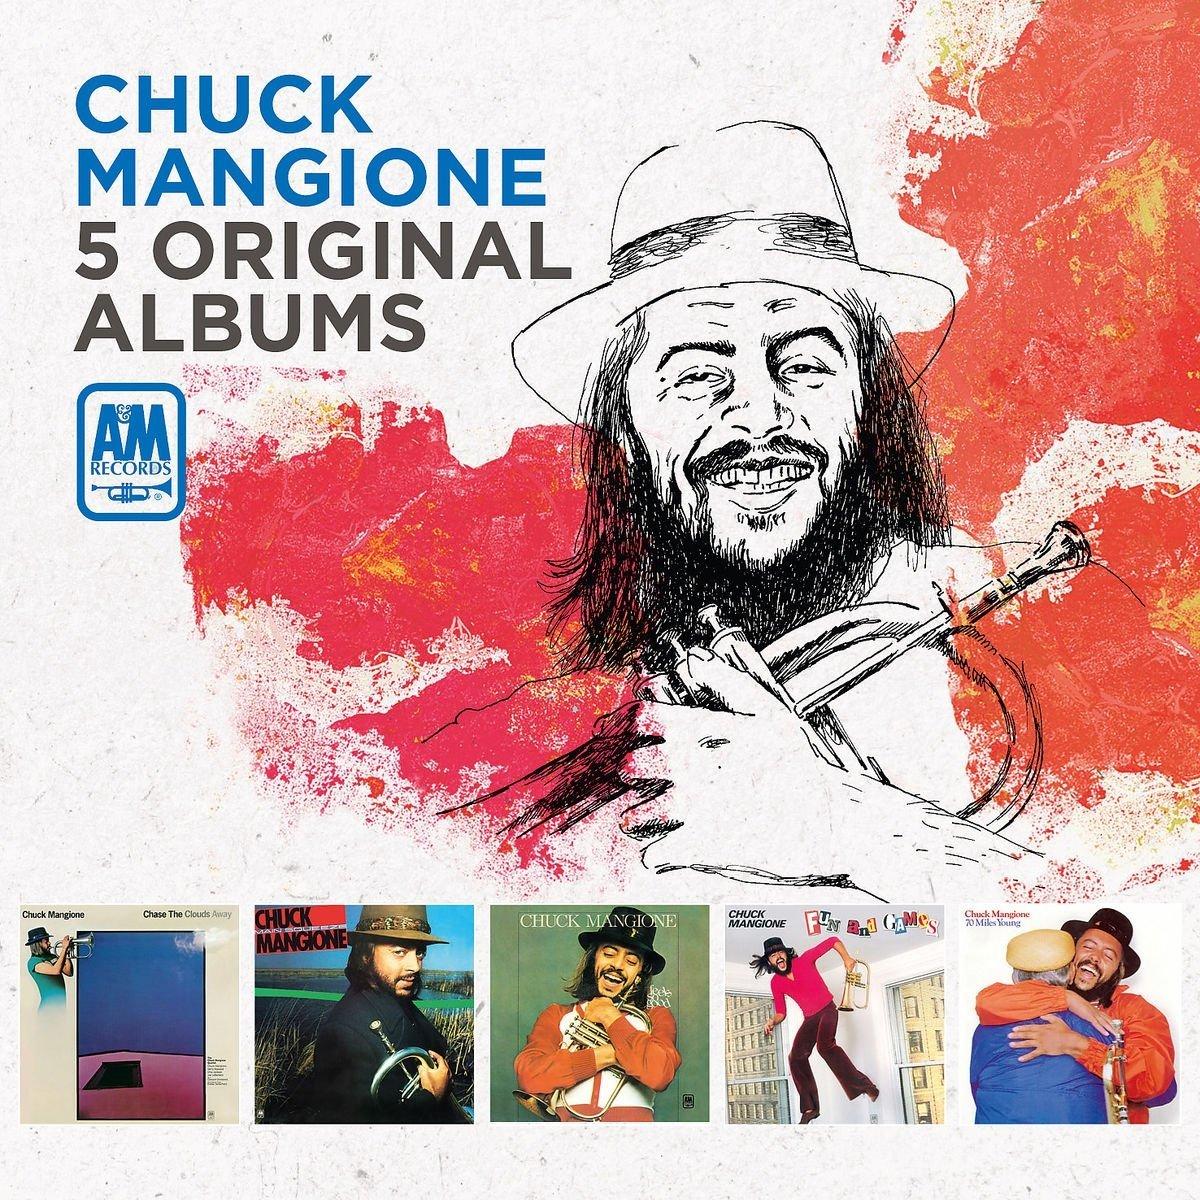 CHUCK MANGIONE - 5 Original Albums cover